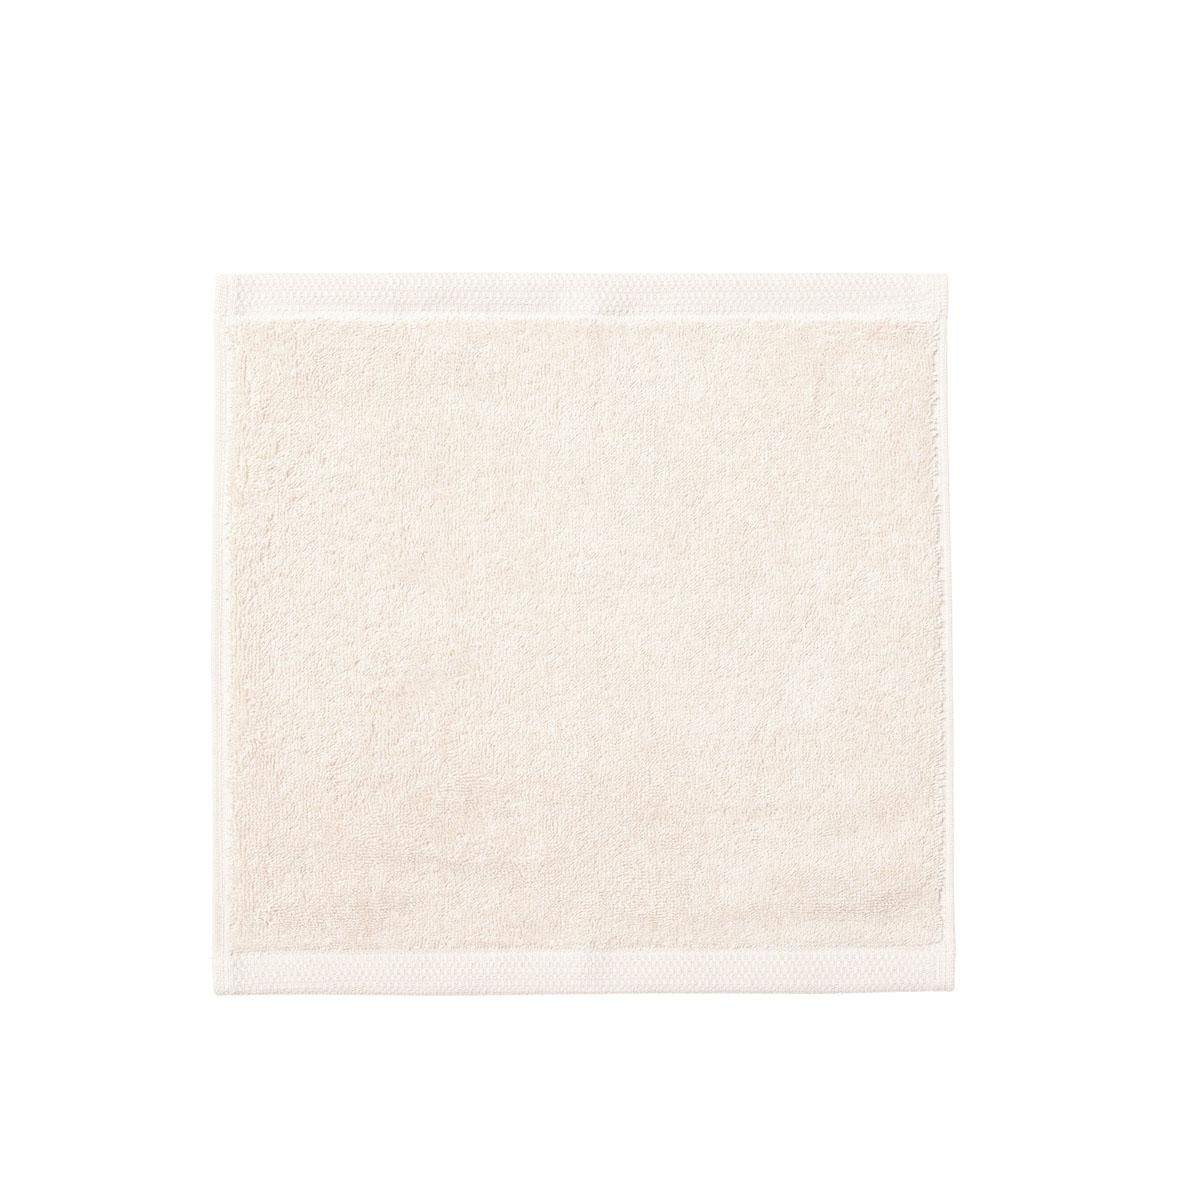 Carré visage en blanc meringue 30x30